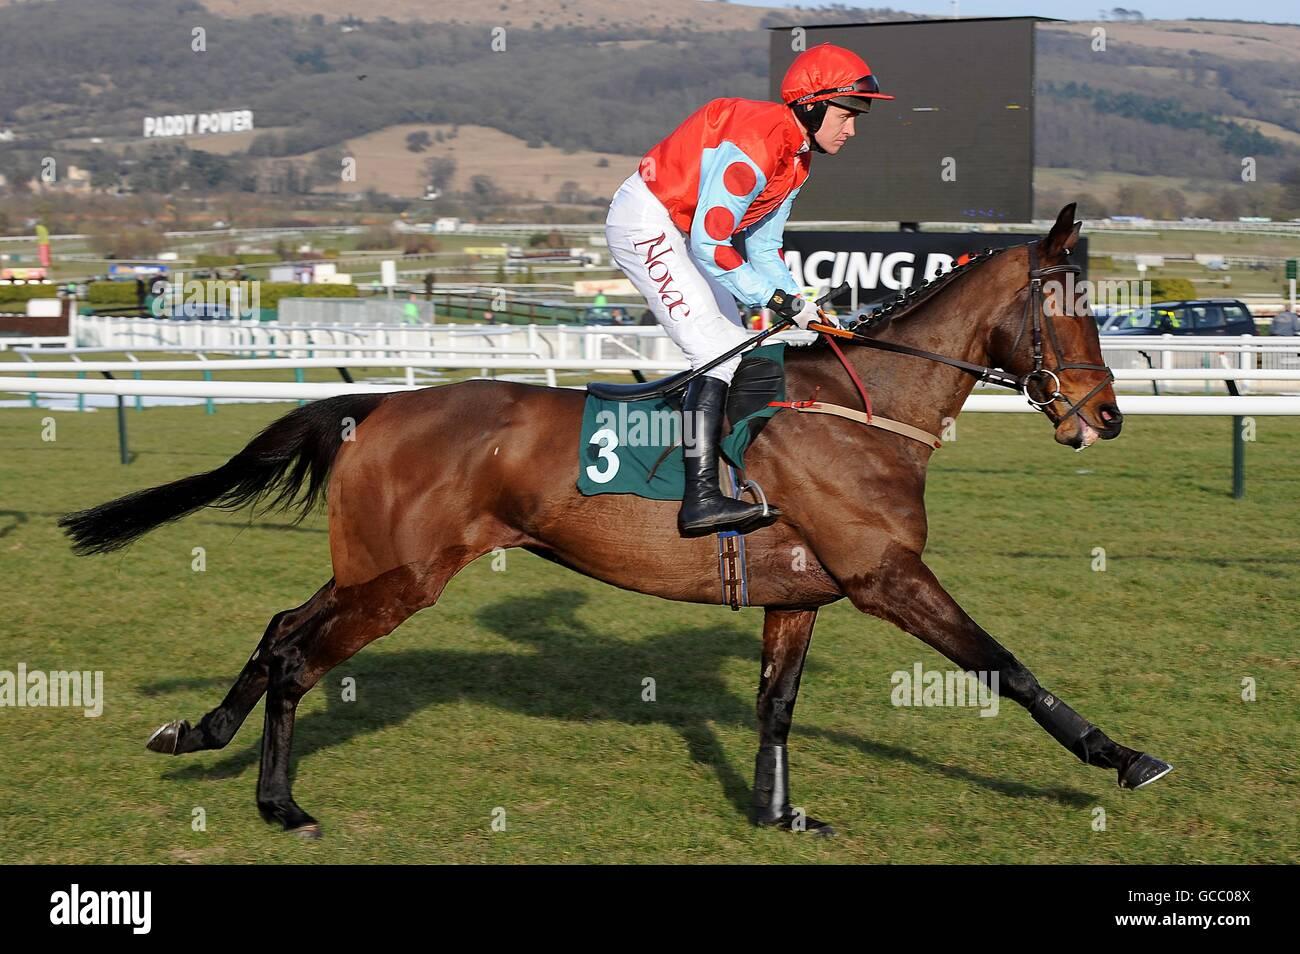 Les courses de chevaux - 2010 Cheltenham Festival - Jour 1 Photo Stock